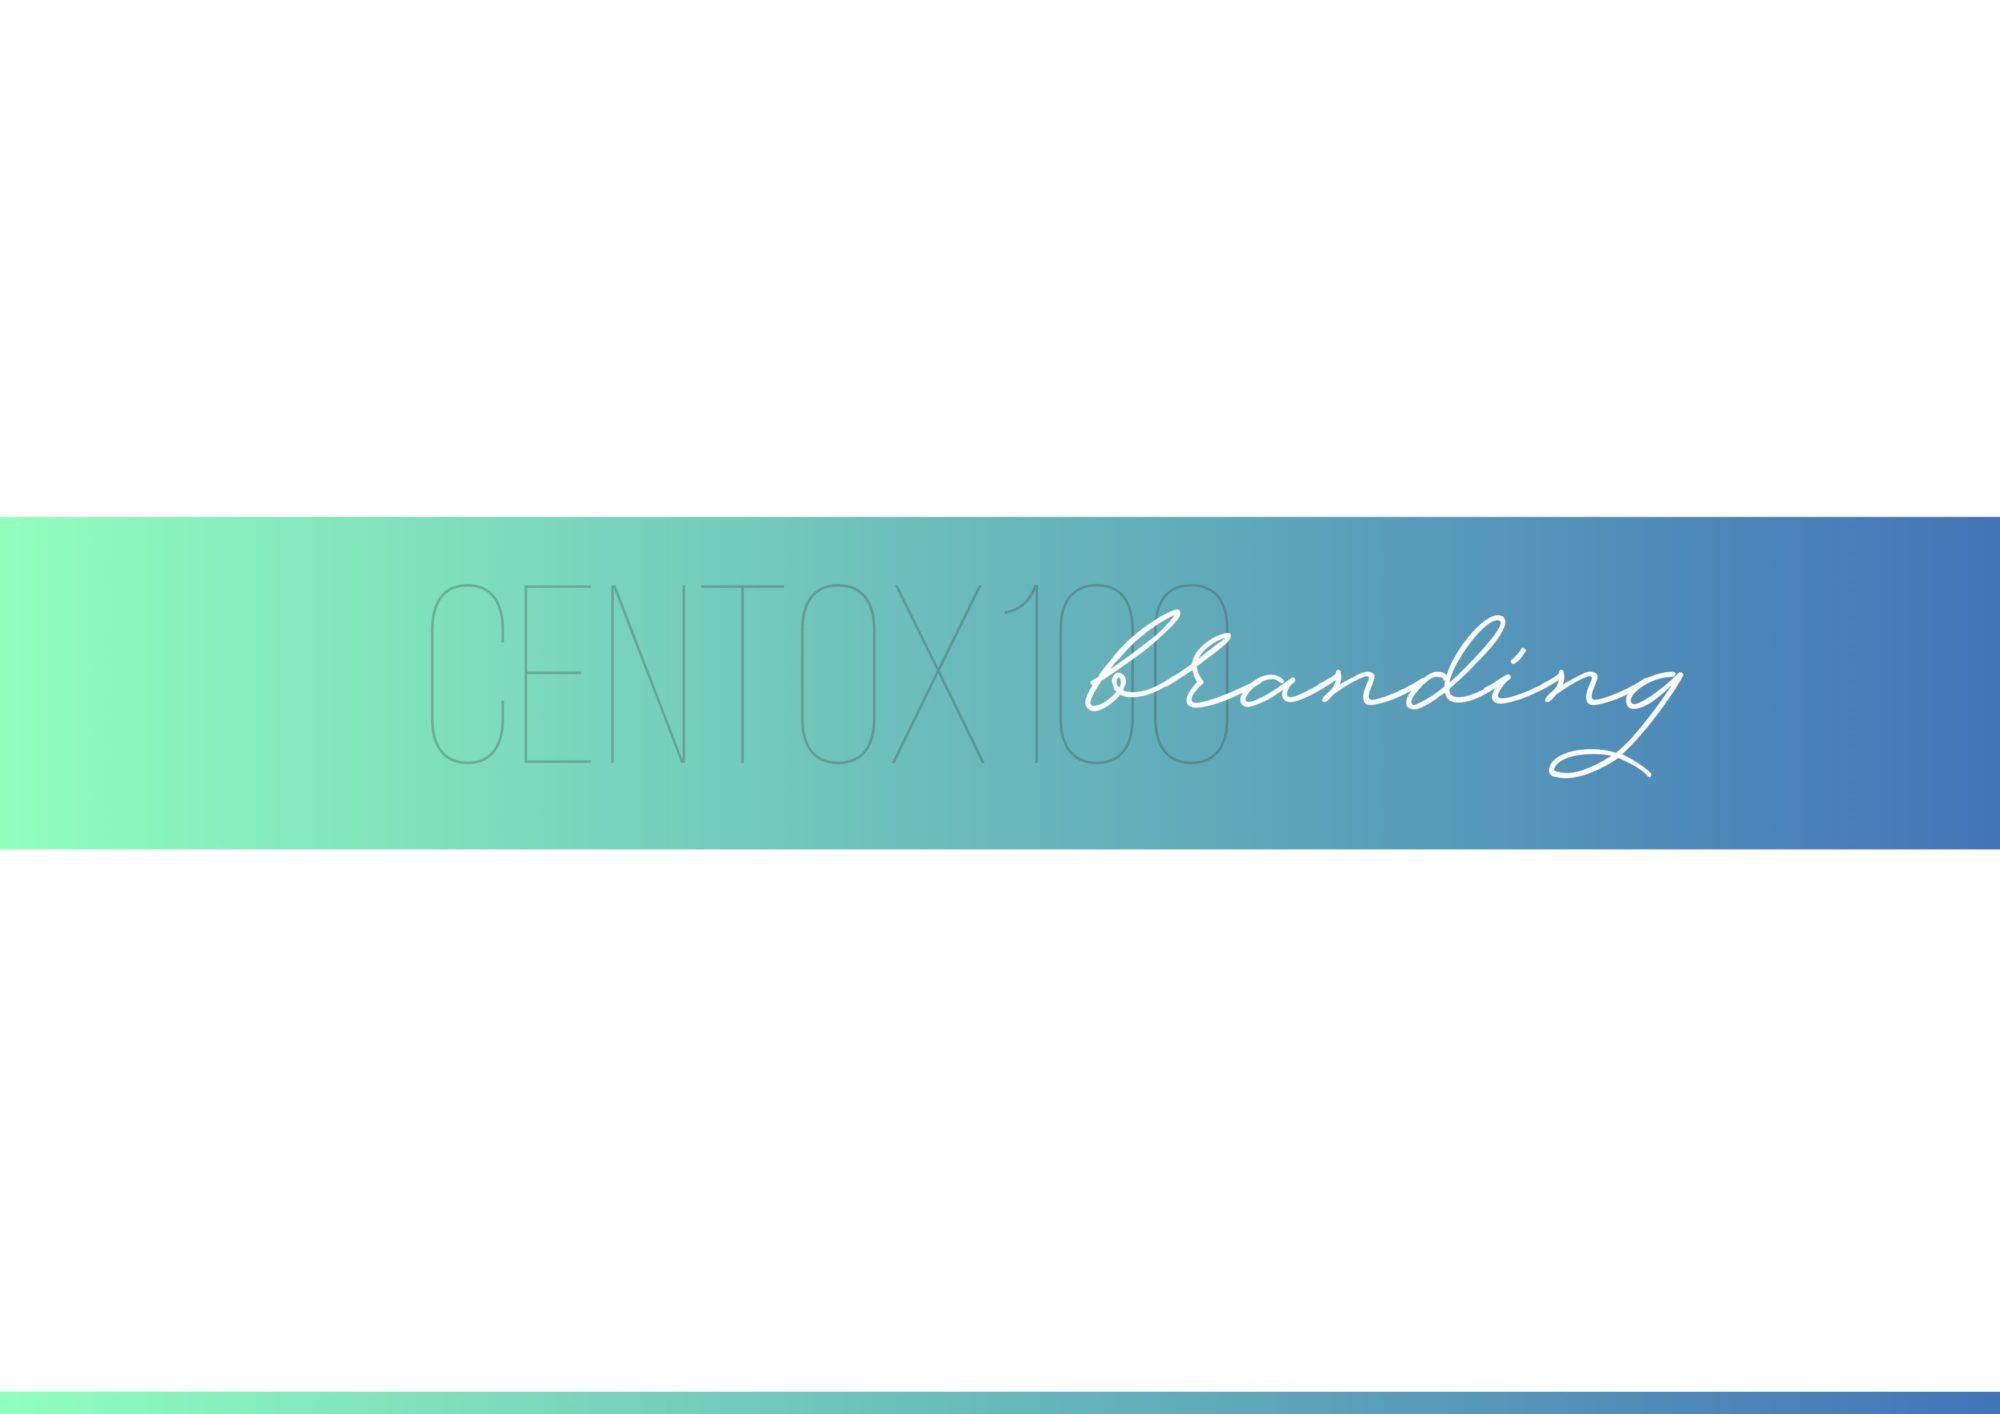 CentoX100